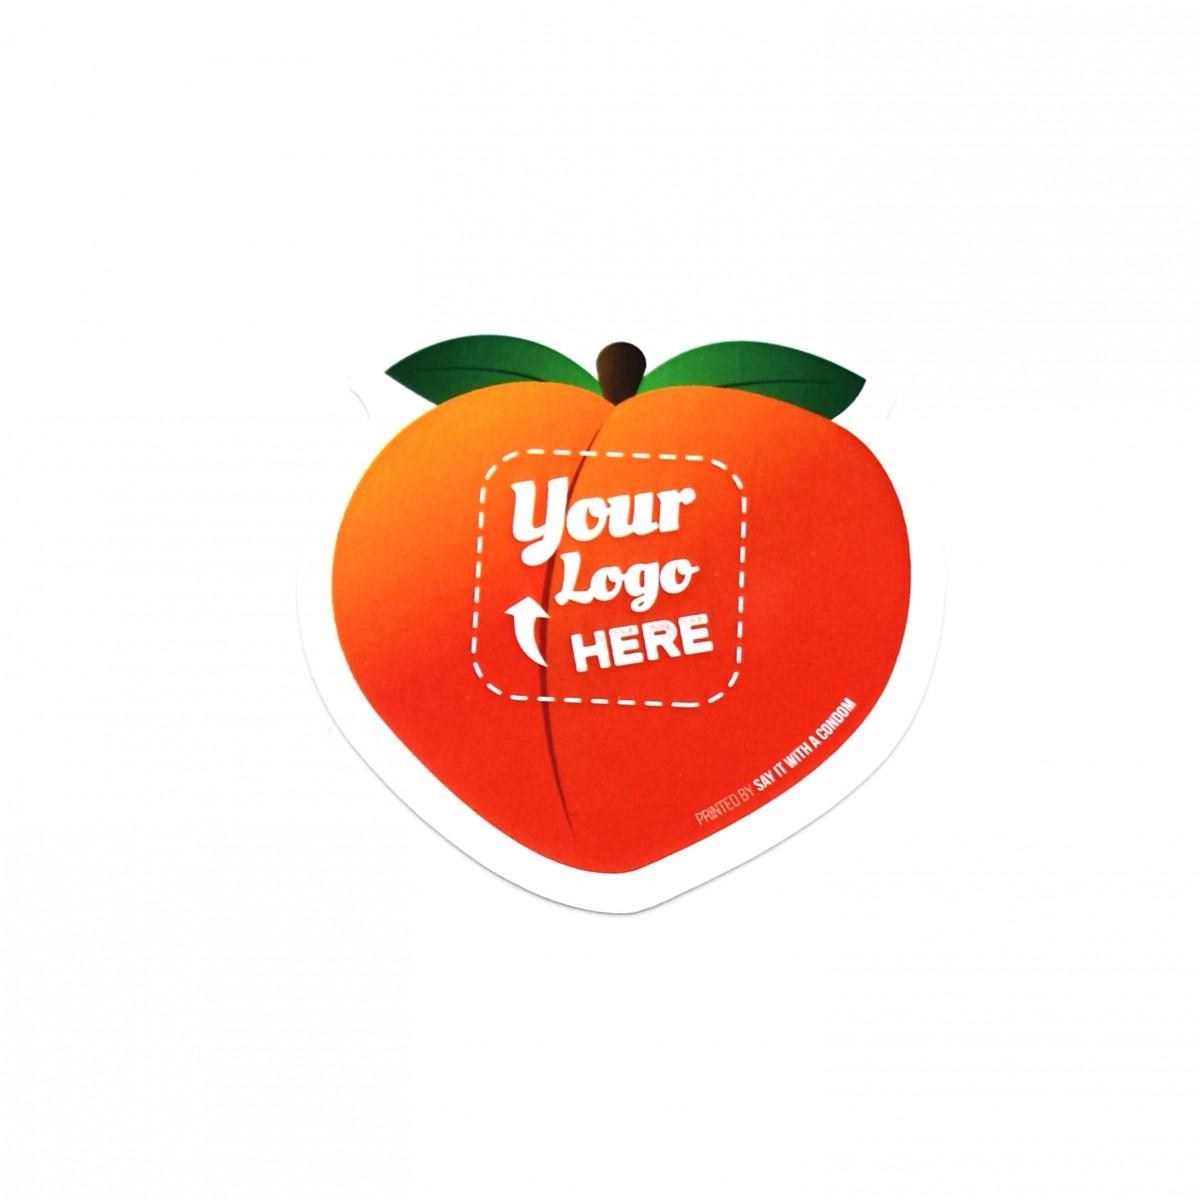 Peach Emoji Promo Card